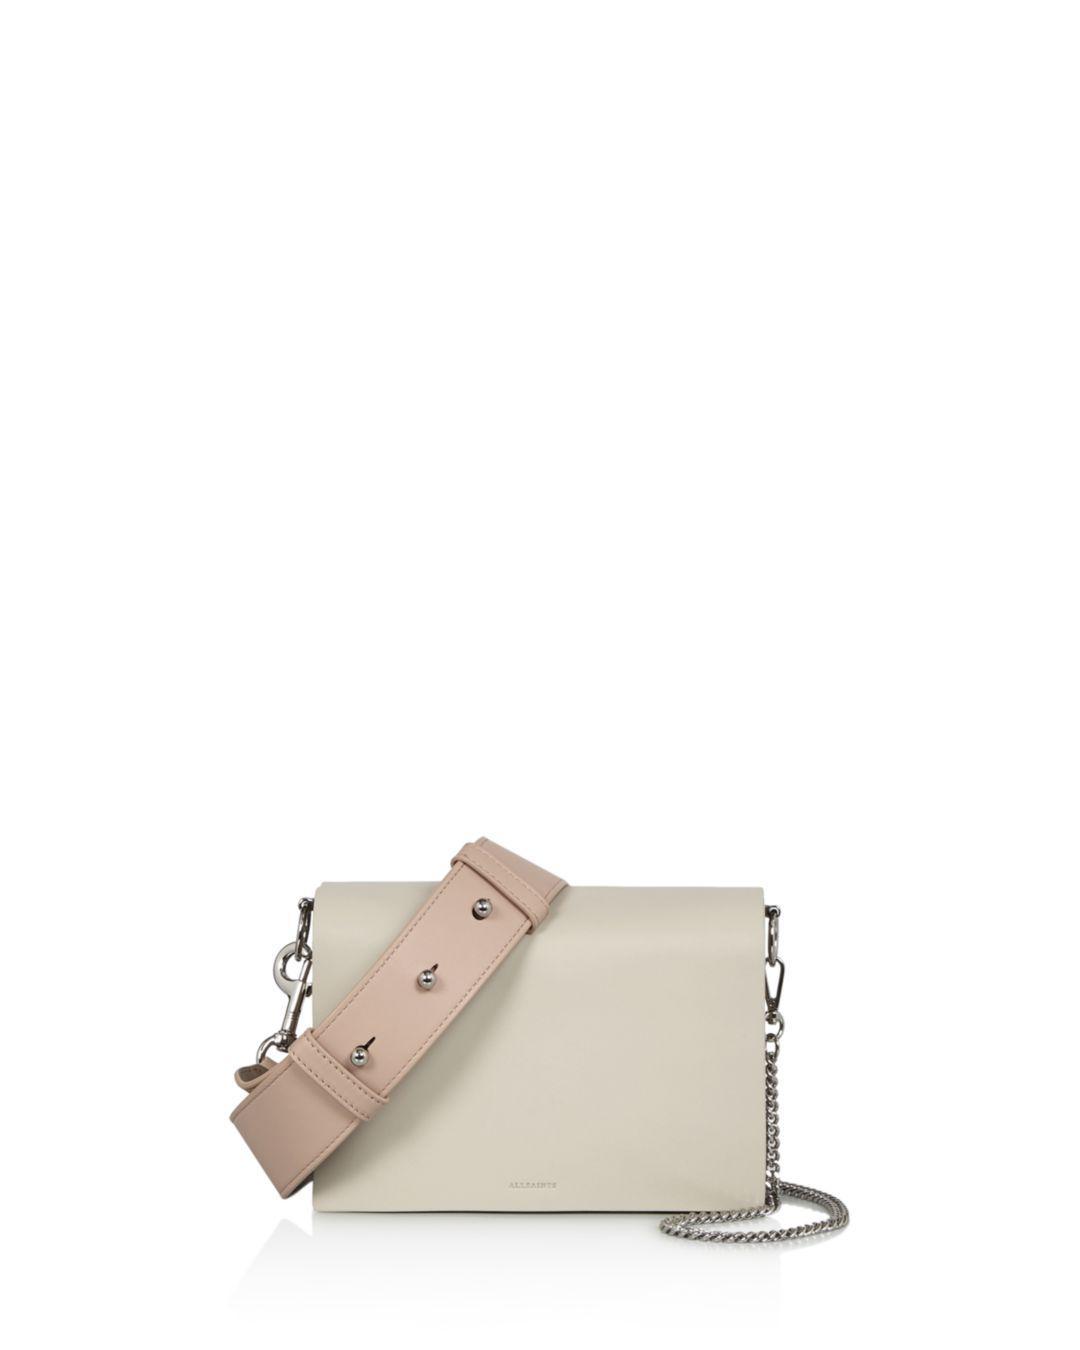 4a0f0150be11 AllSaints. Women s Zep Leather Shoulder Bag